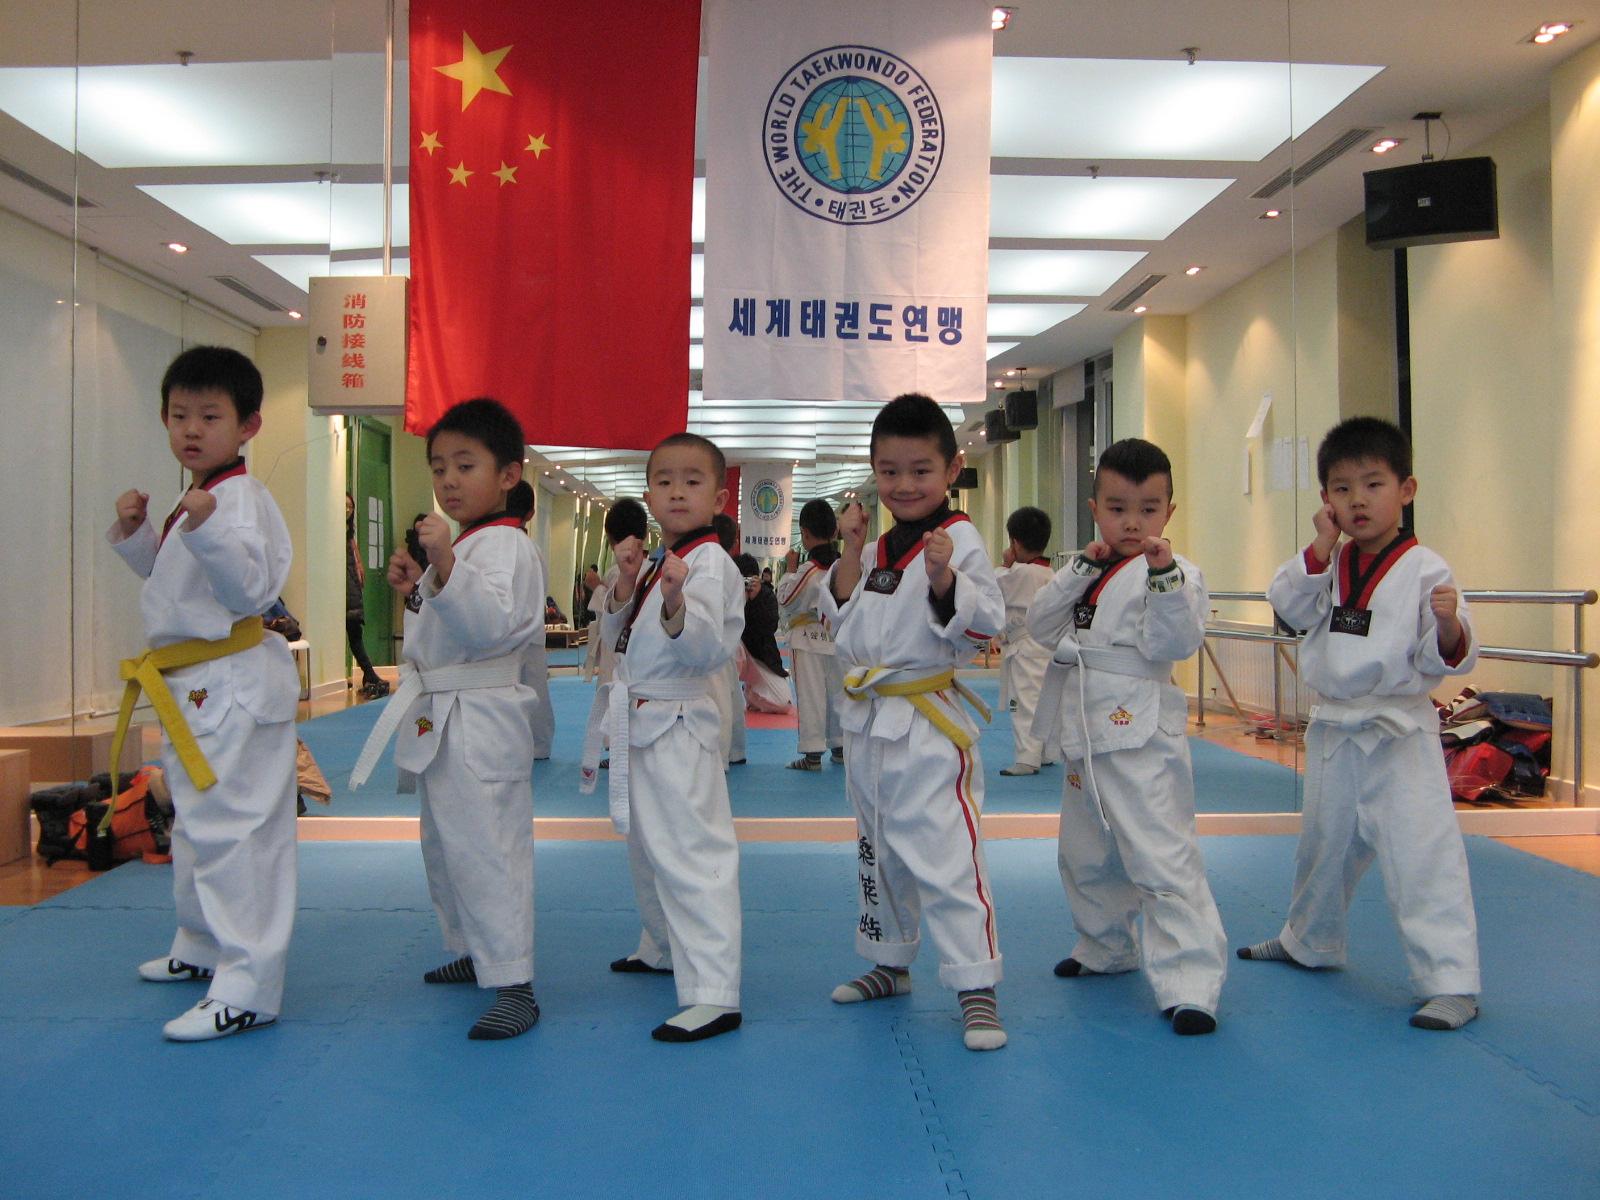 少儿培训基地--培训中心--成都模特培训 成都模特学校